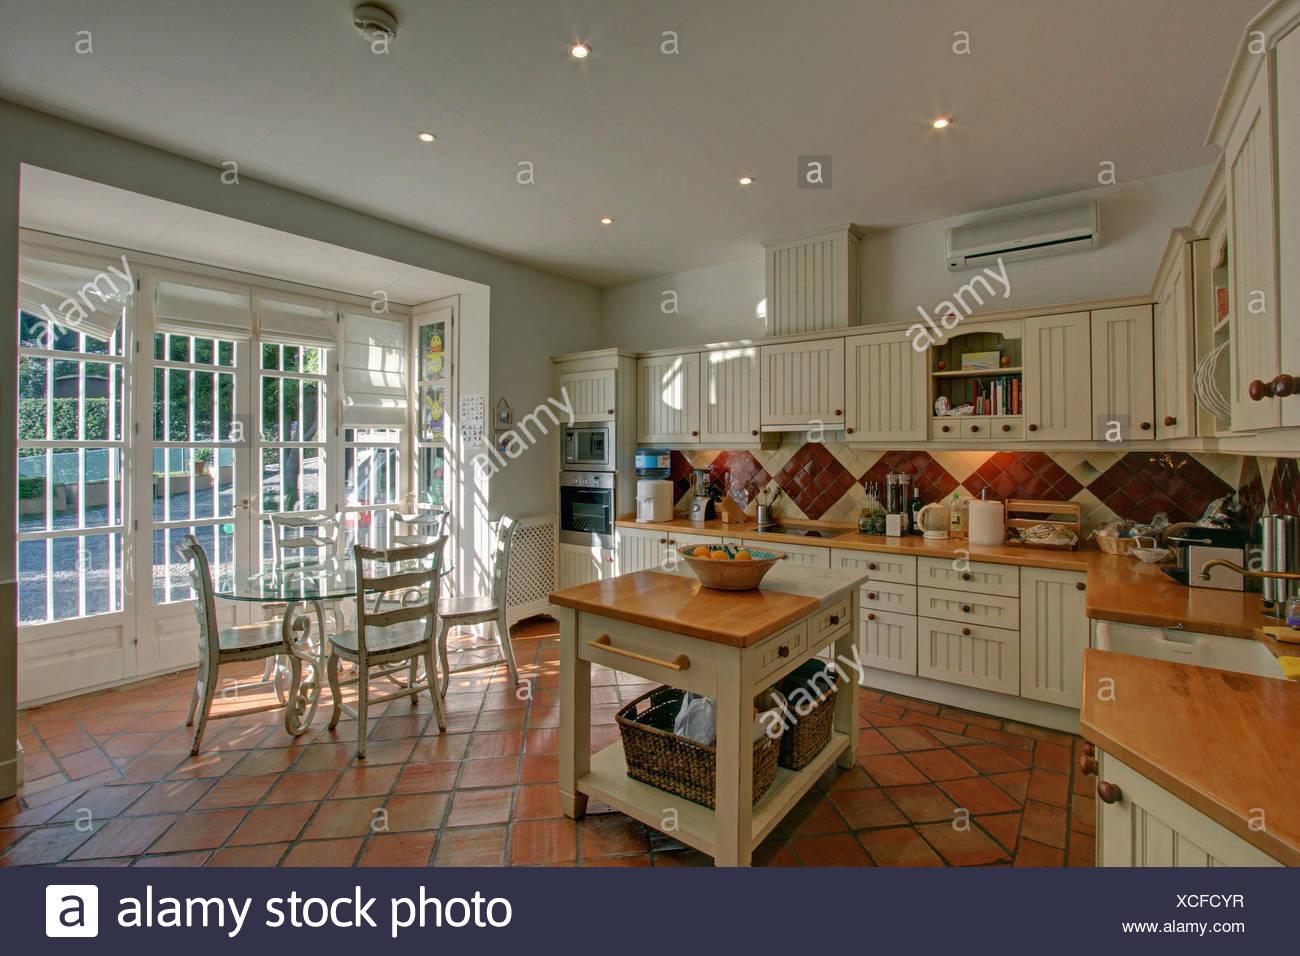 Esstisch Kuche Great Fabelhafte Ideen Kleiner Tisch Kche Und Bezaubernde Esszimmer Zauberhaft